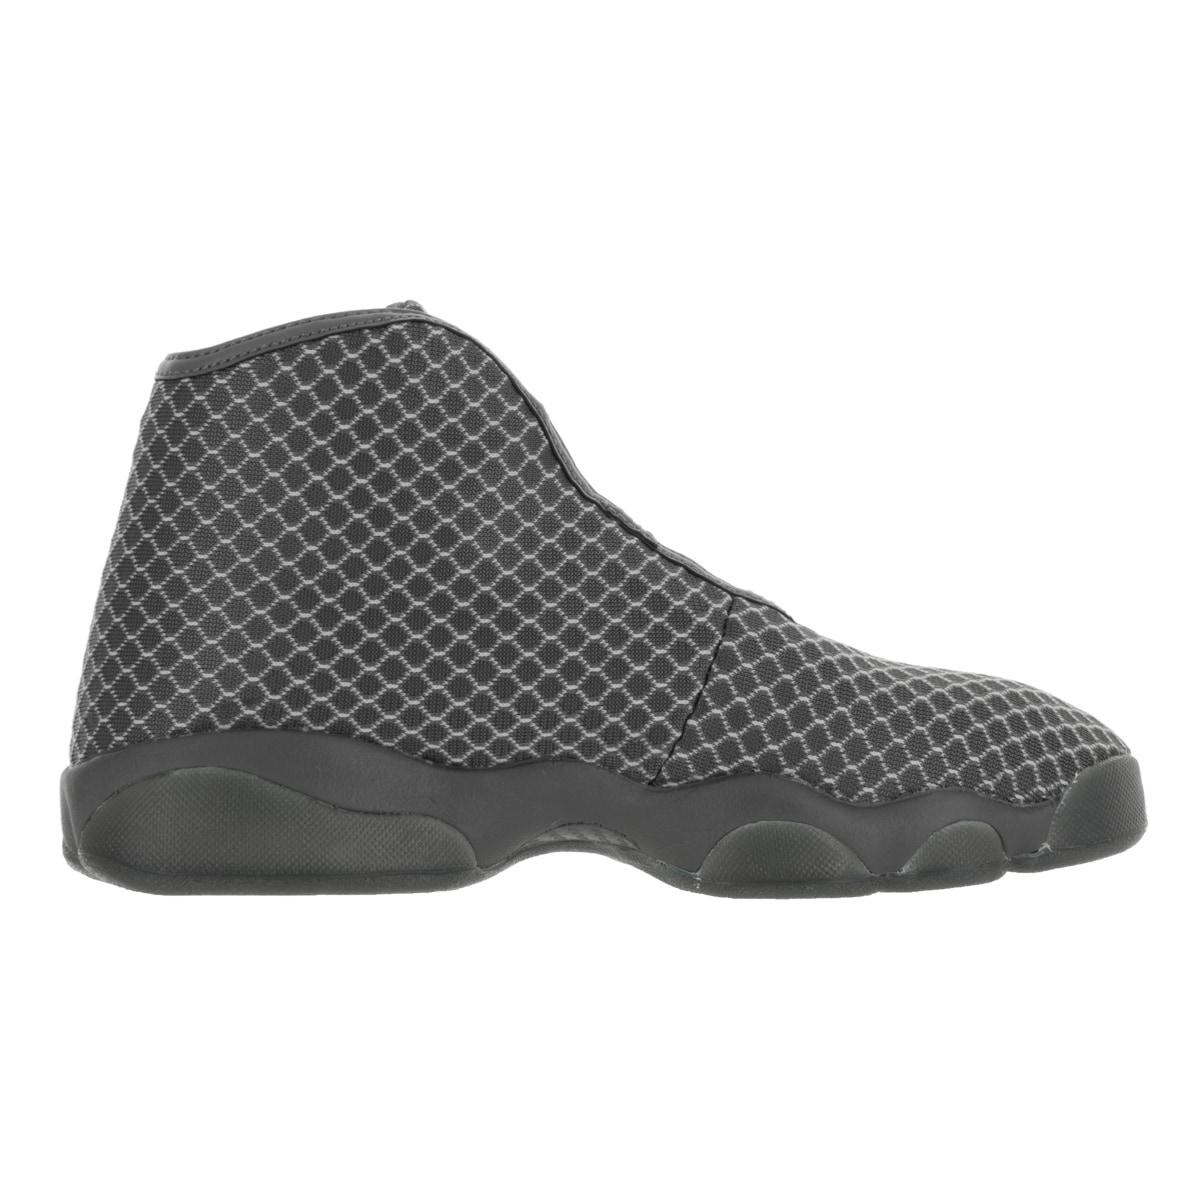 09f28ef6991 Shop Nike Jordan Kids Jordan Horizon BG Wolf Grey White Dark Grey  Basketball Shoes - Free Shipping Today - Overstock - 13394514